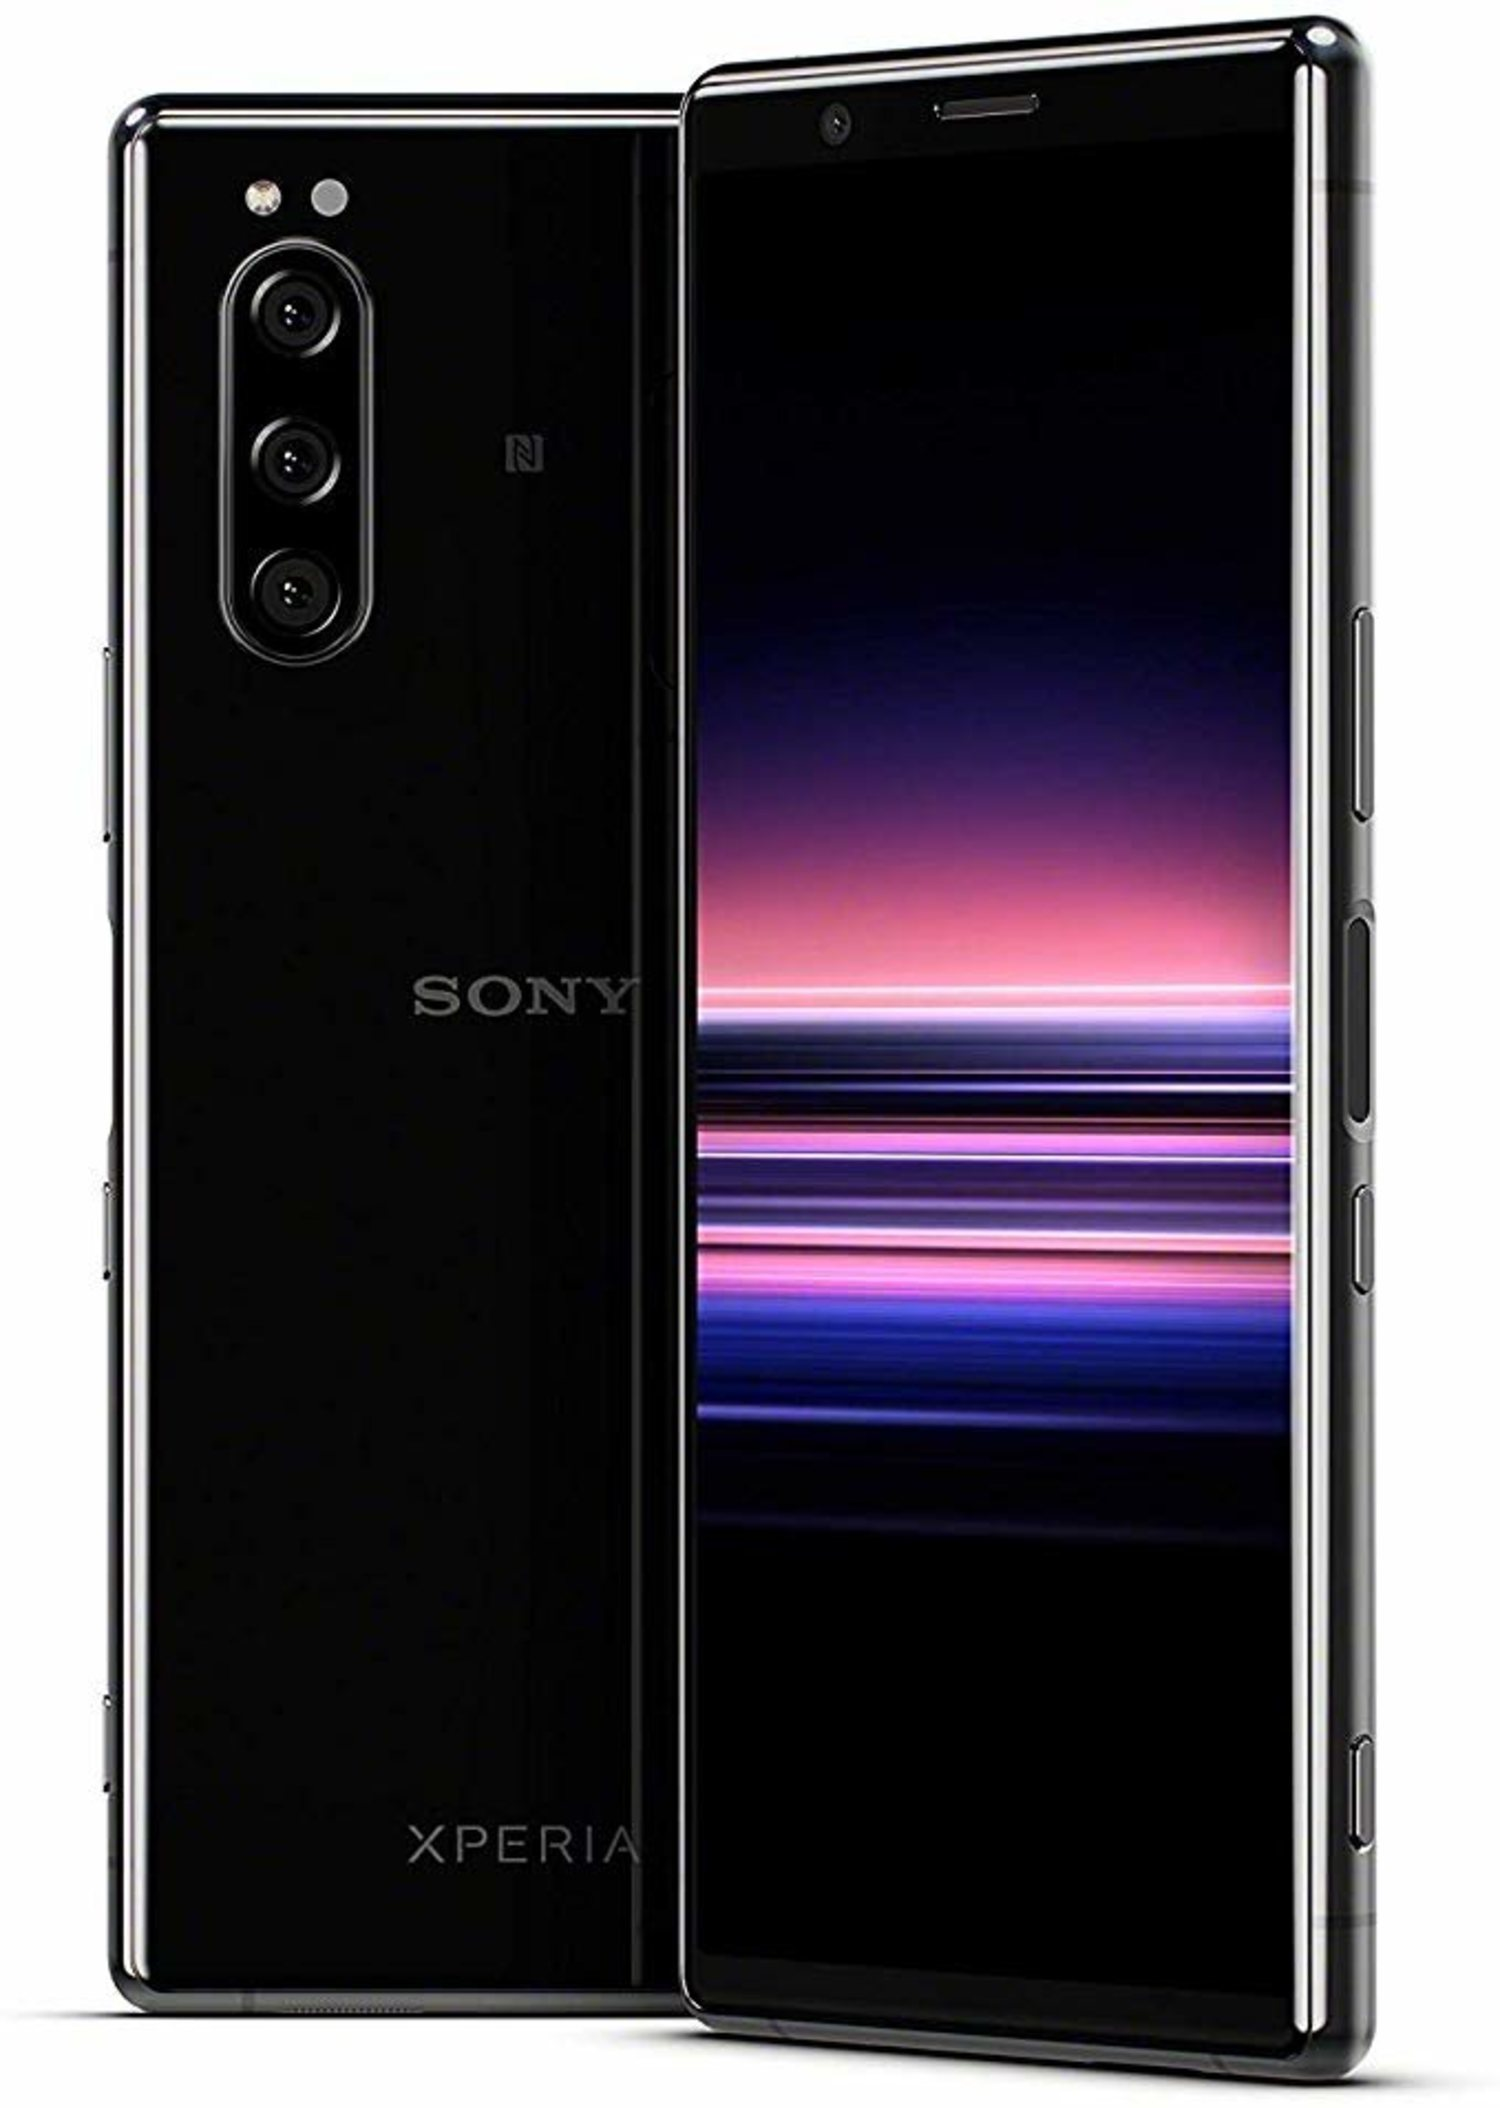 Sony Xperia 5, elegancia y potencia para un móvil con buen apartado fotográfico.